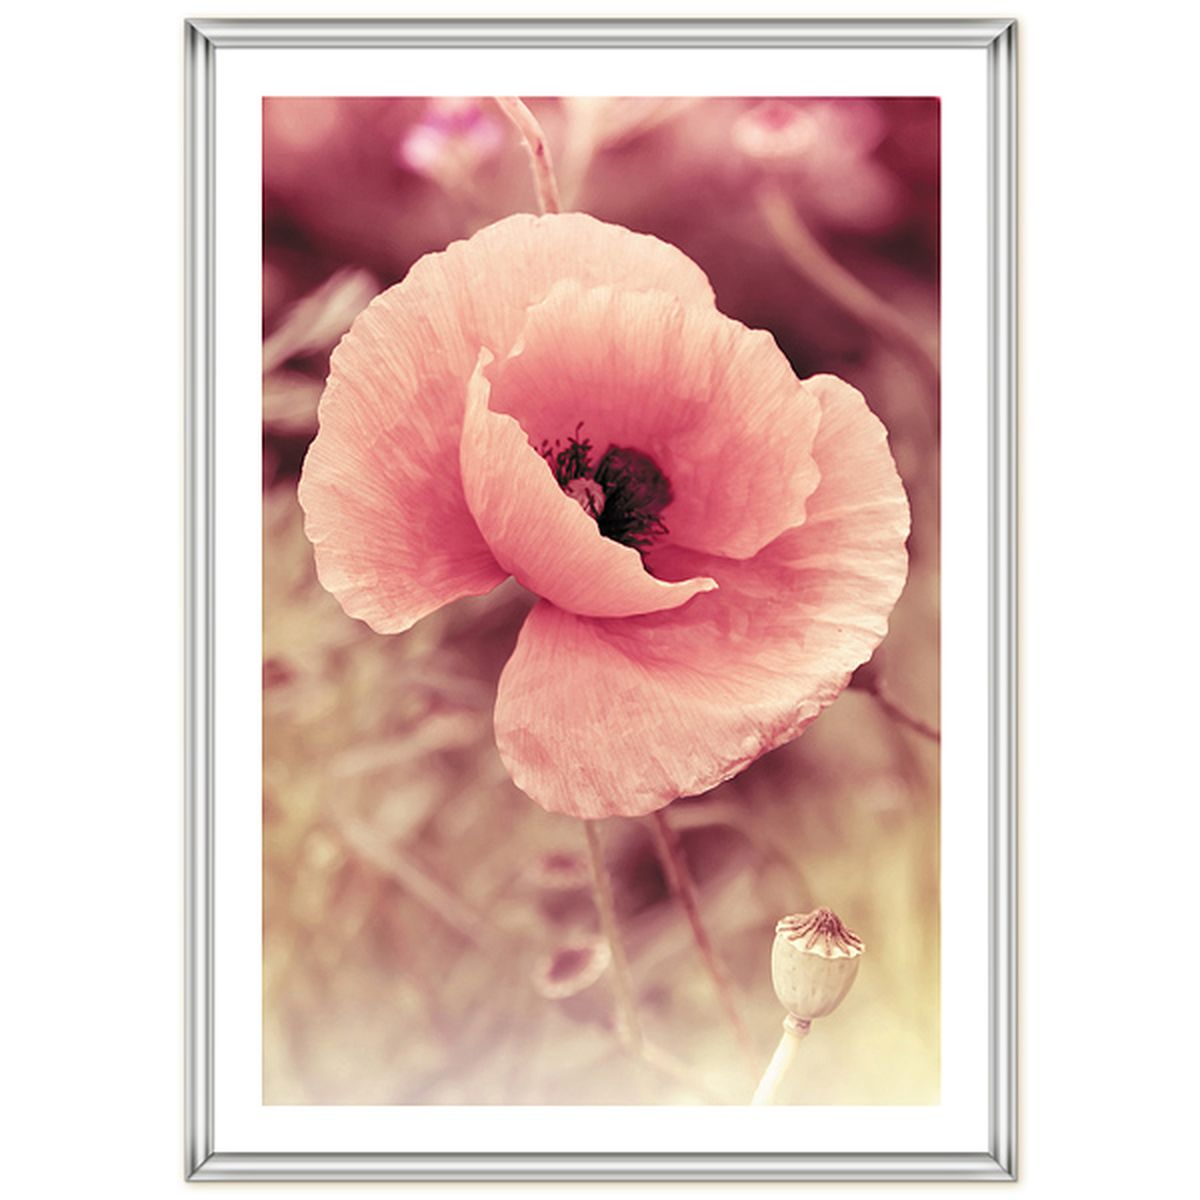 Фоторамка Pioneer Poster Silver, 40 x 60 см9117 PR foilРамка для фото формата 40х60 см.Материал: пластик.Материалы, использованные в изготовлении рамок, обеспечивают высокое качество хранения Ваших фотографий, поэтому фотографии не желтеют со временем.